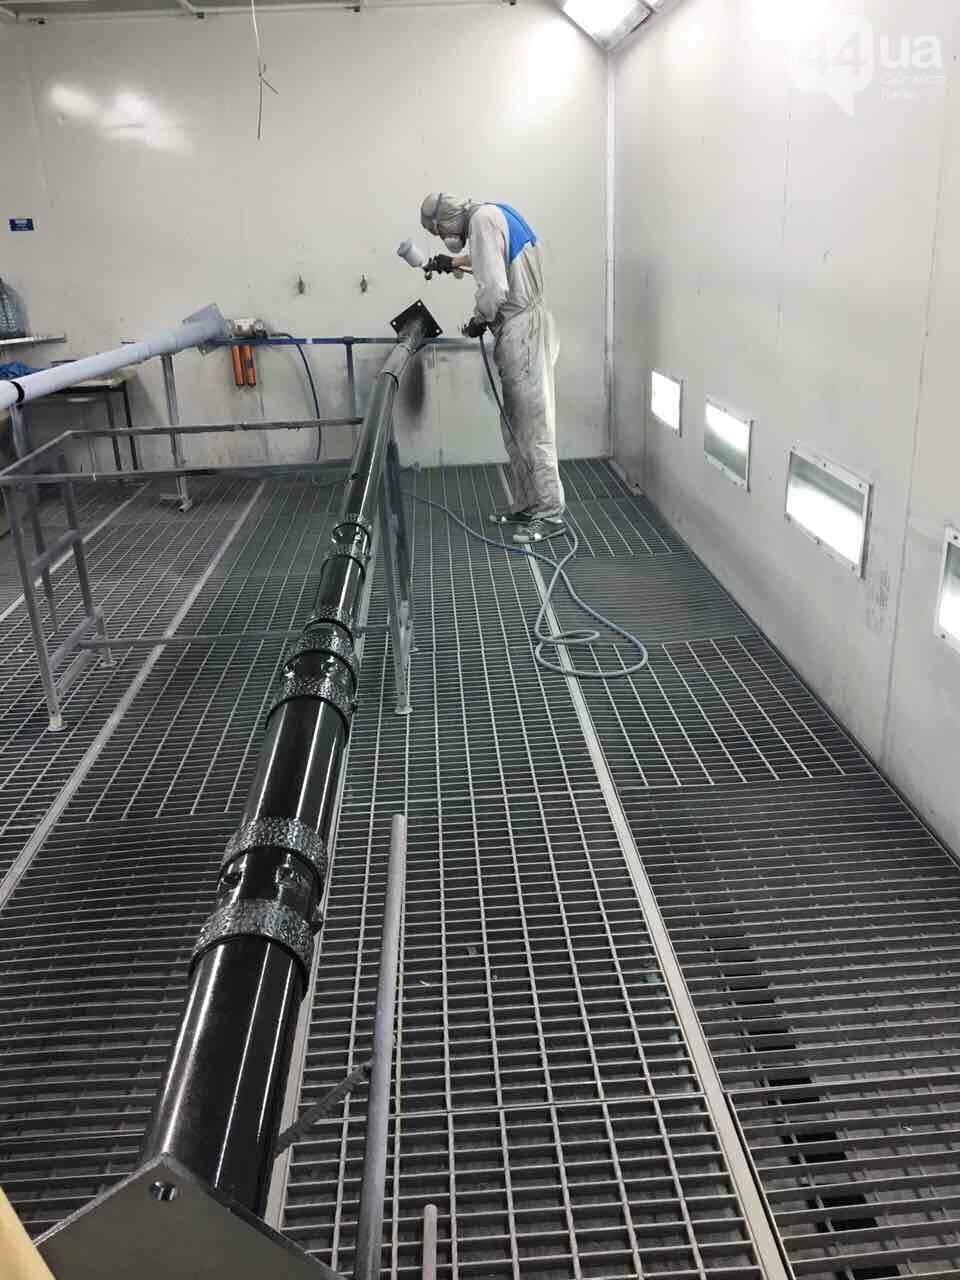 Изготовление и монтаж металлоконструкций, фото-16